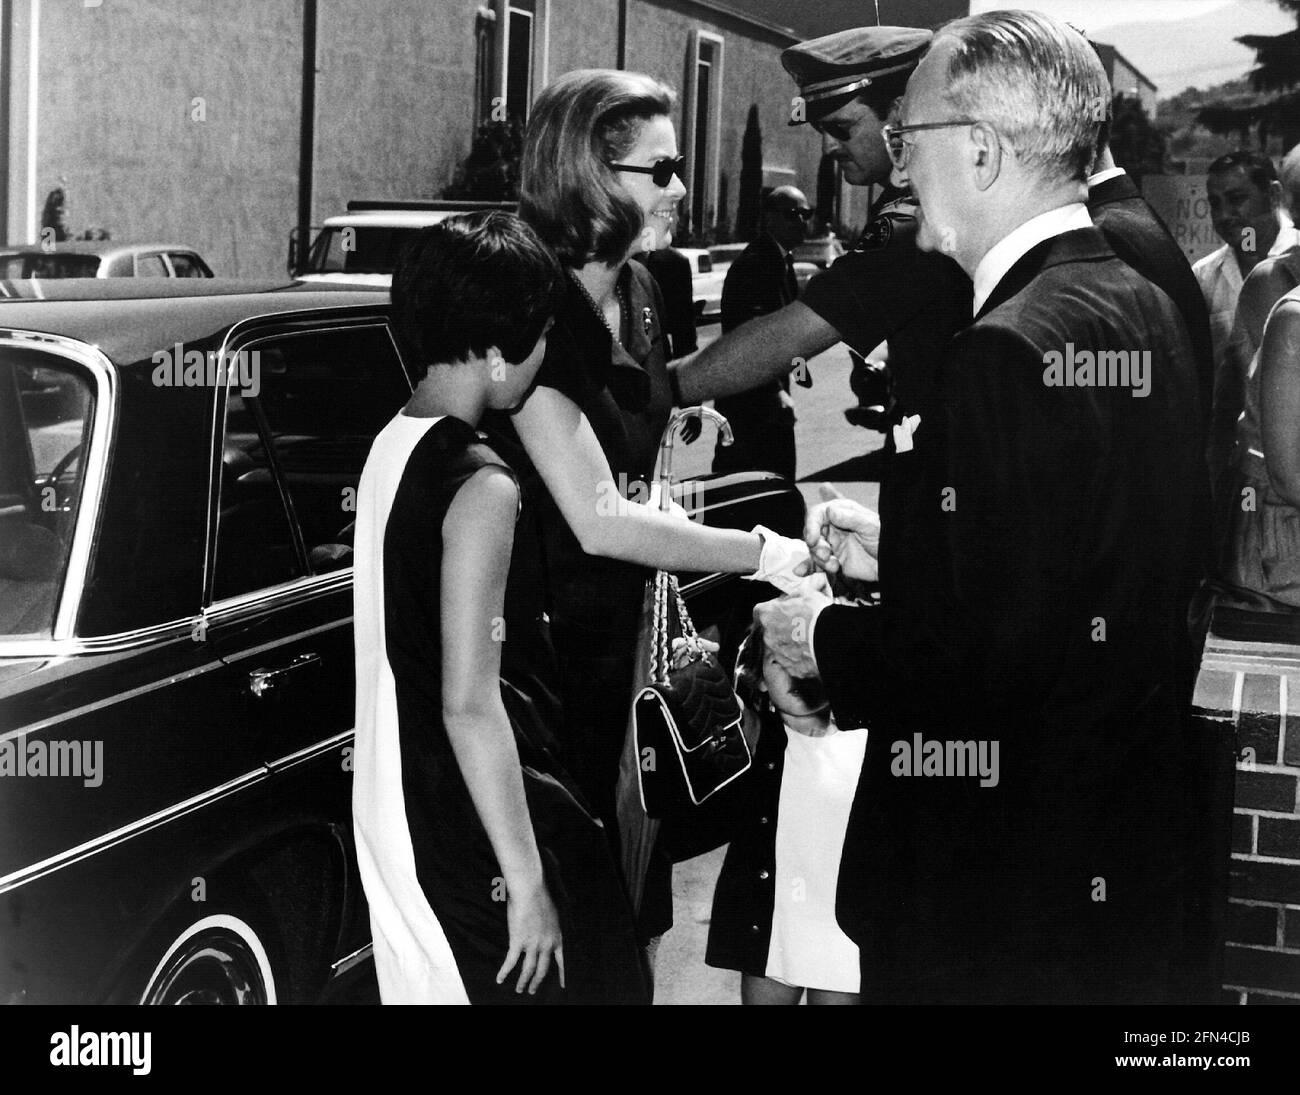 Kelly, Grace, 12.11.1929 - 14.9.1982, actrice américaine, demi-longueur, Avec sa fille Caroline, 1967 ans, DROITS-SUPPLÉMENTAIRES-AUTORISATION-INFO-NON-DISPONIBLE Banque D'Images